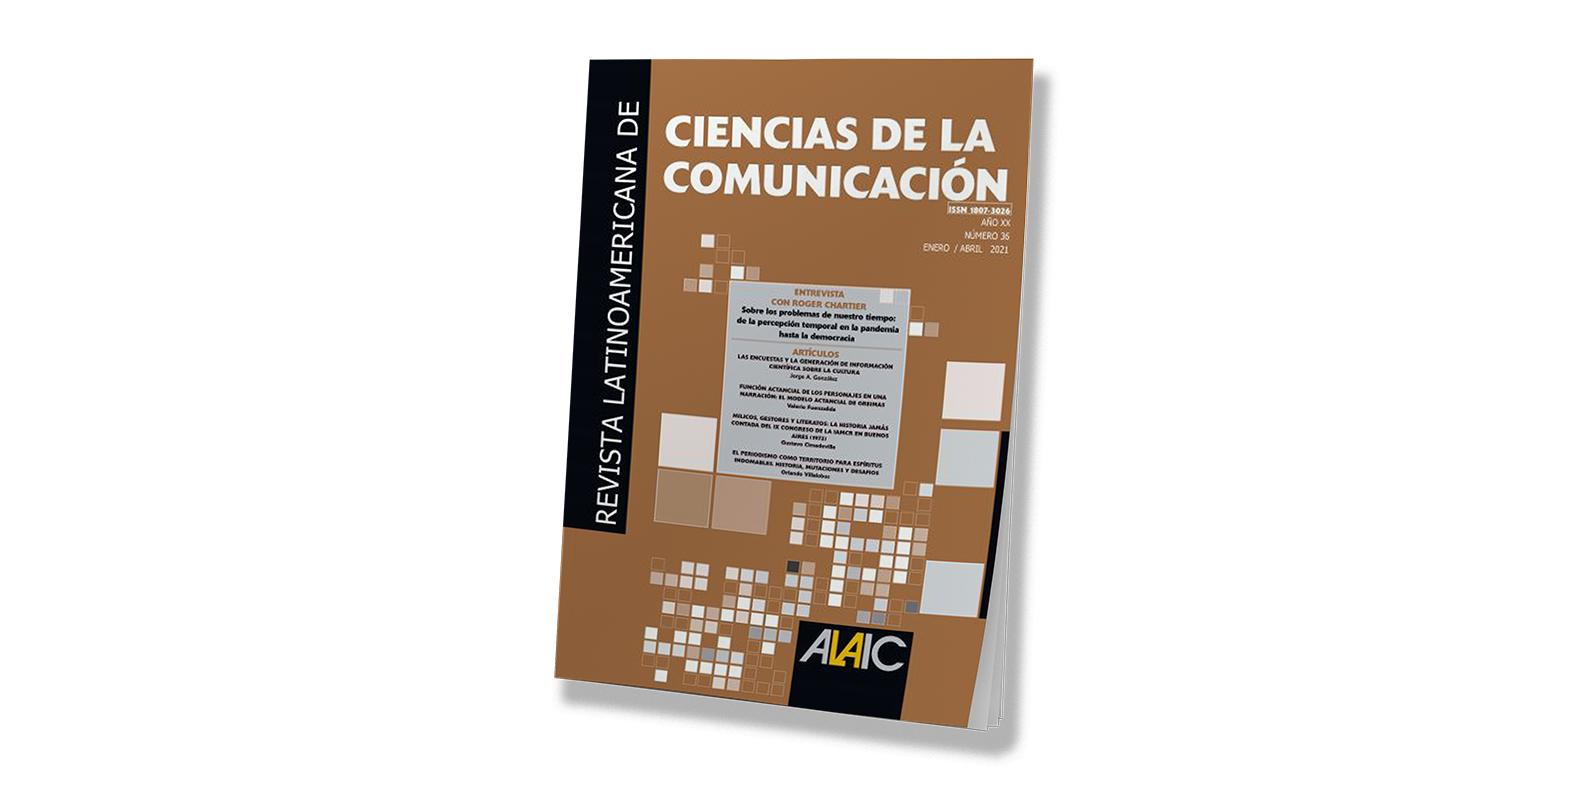 E-ciencia e interdisciplina: nodos de visualización como aporte al medir comunicación en IEC.